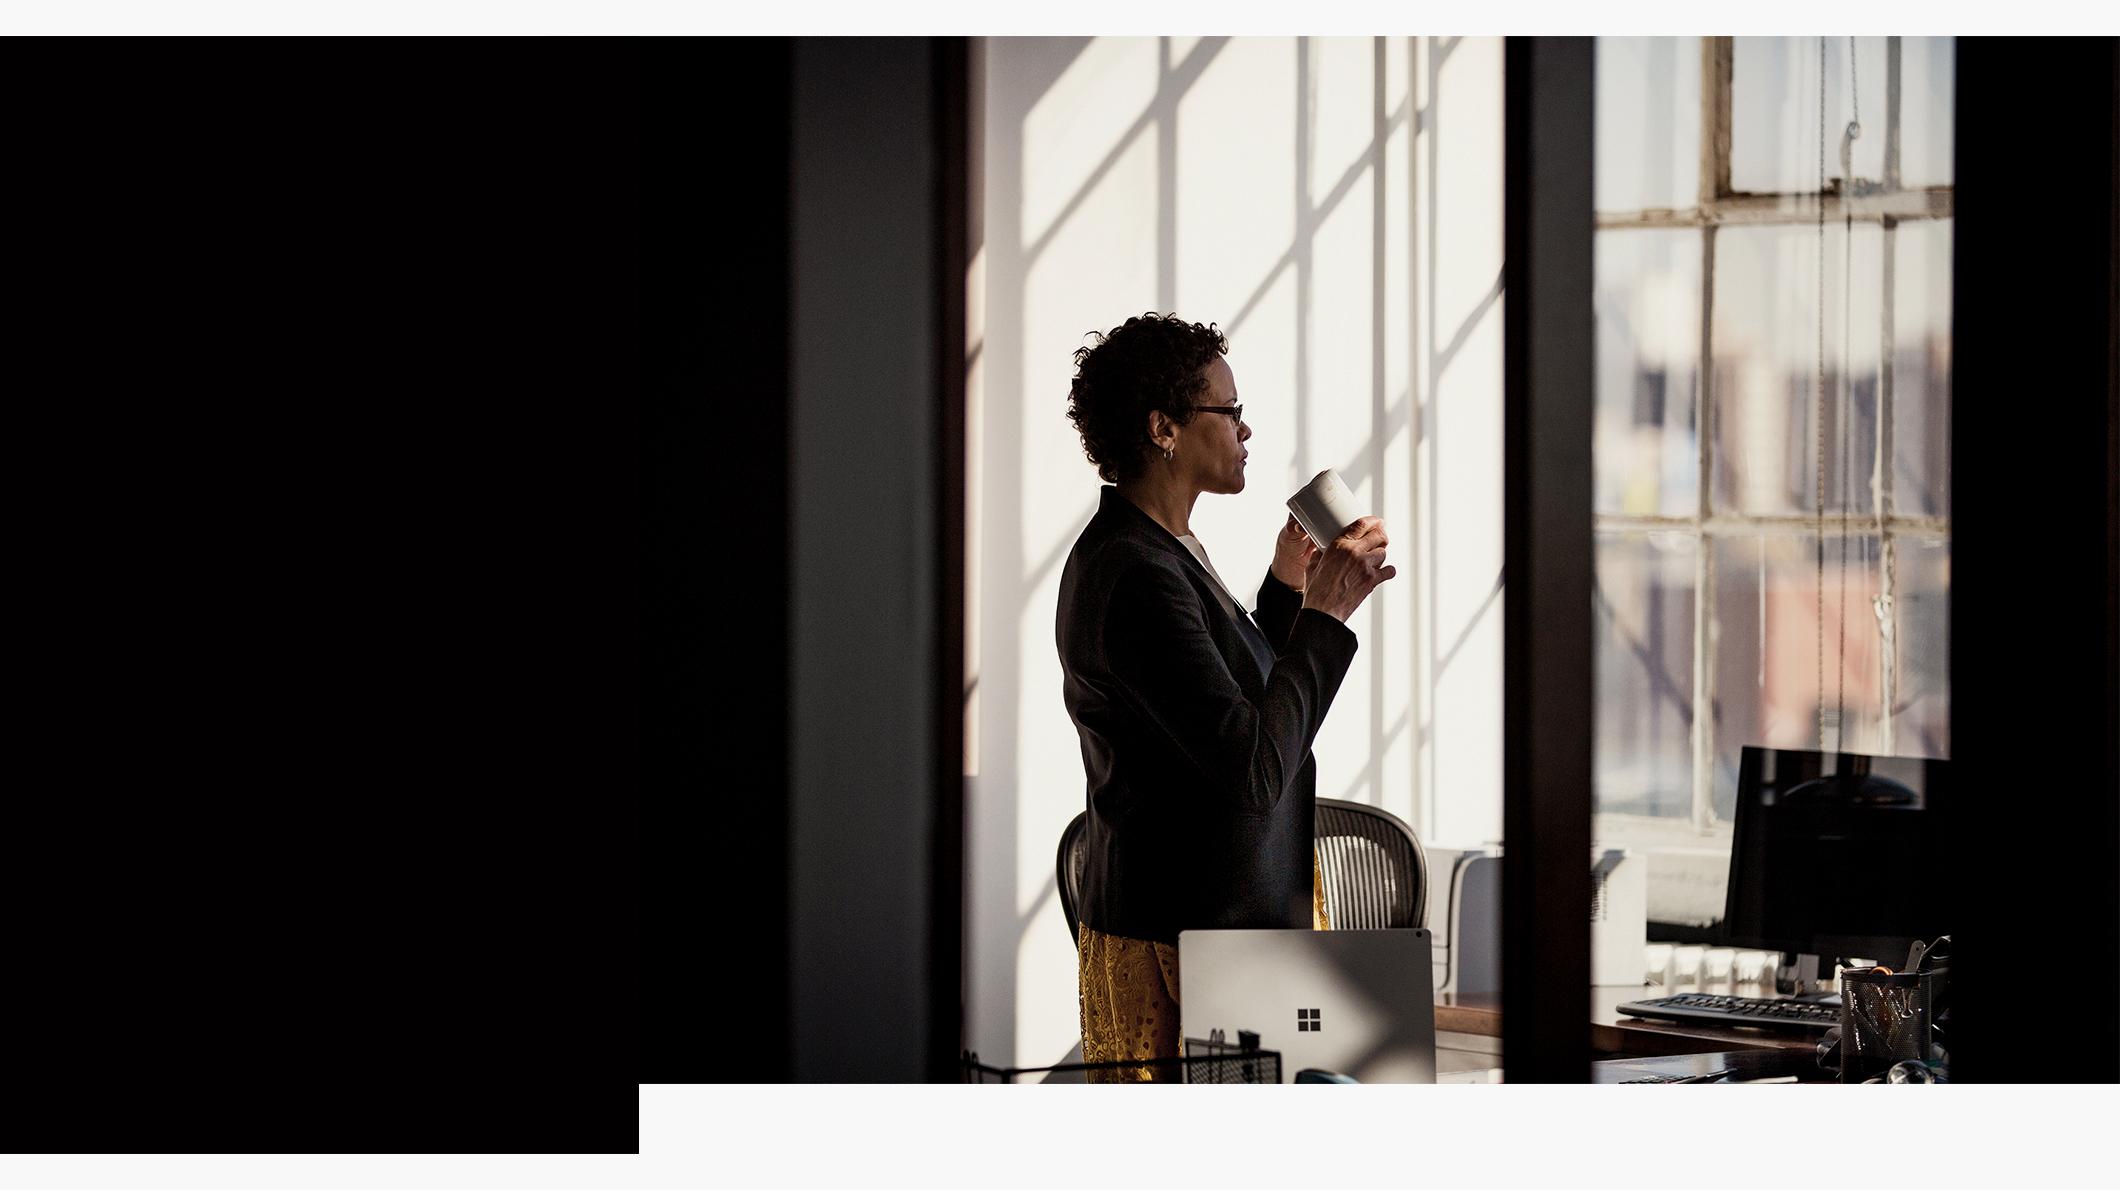 Une femme debout avec des appareils sur les bureaux à côté d'elle